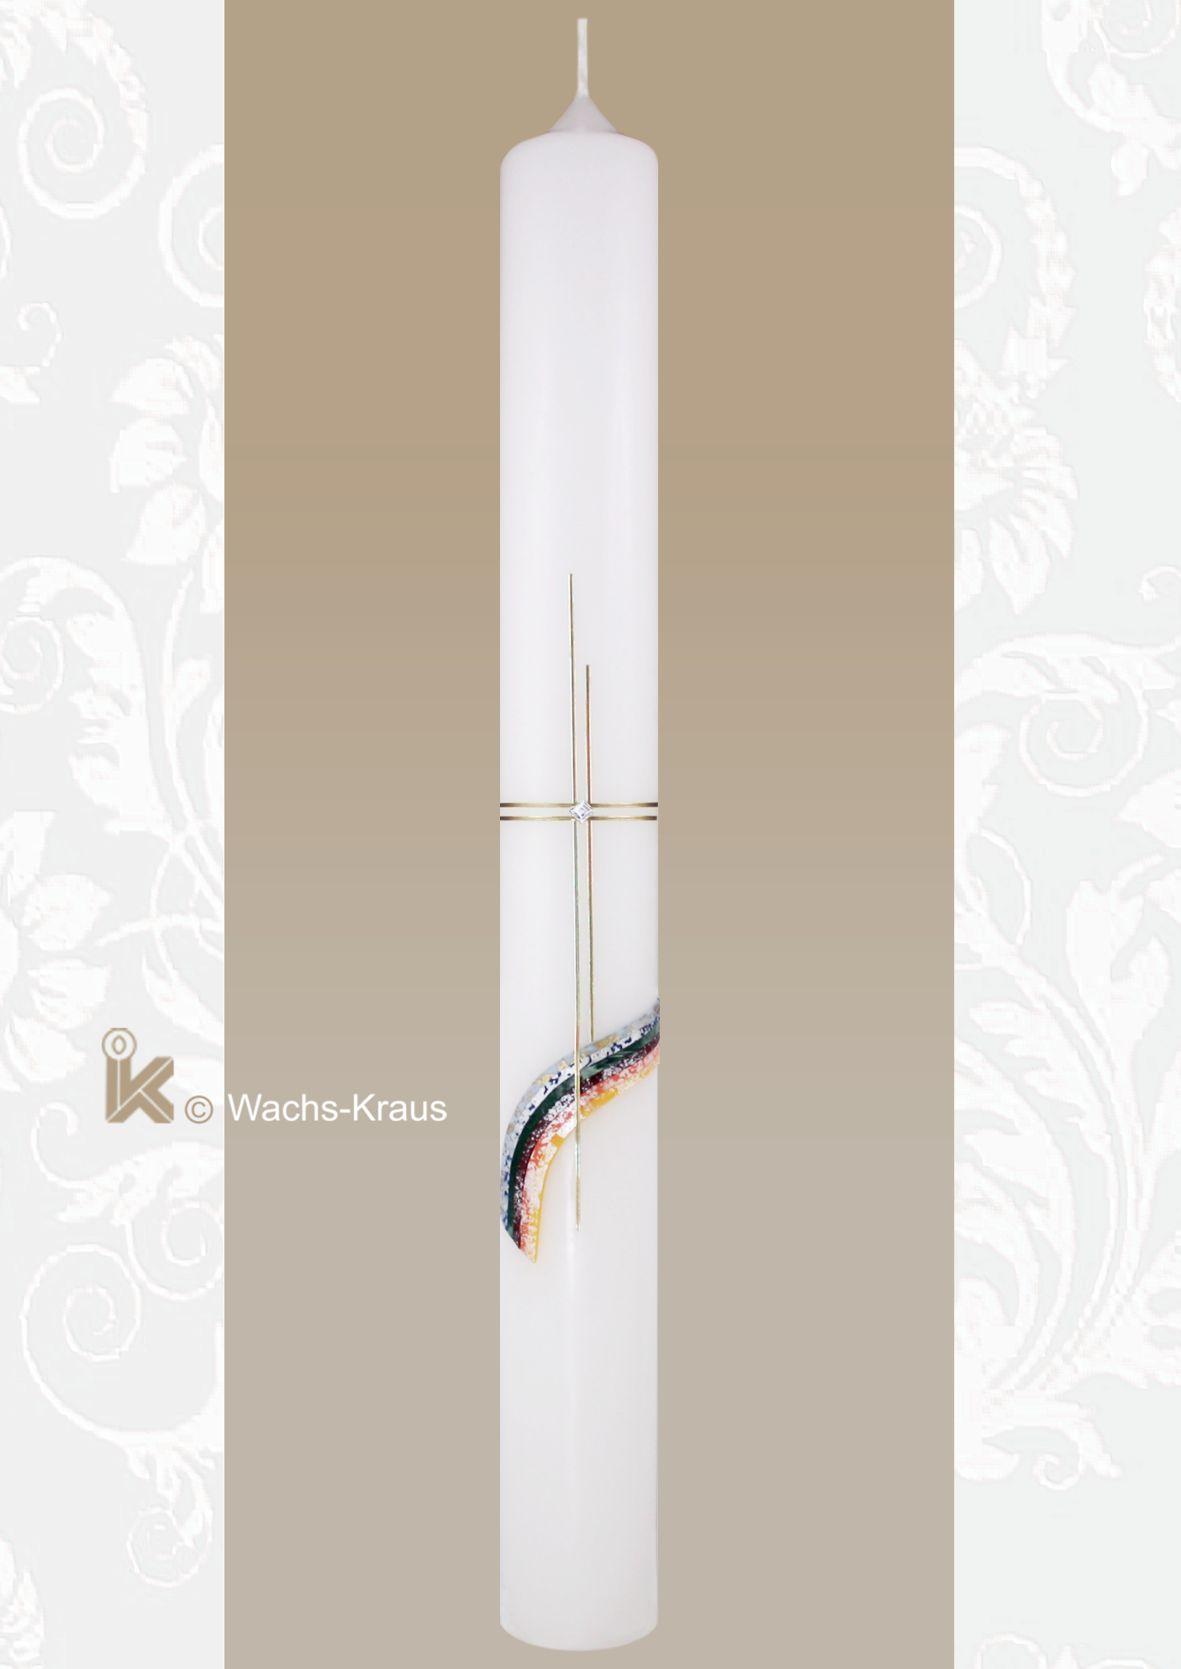 Der farbenfroh aus bunten Wachsplatten gelegte Regenbogen symbolisiert das Verbindende. Kommunionkerze mit Regenbogen und Kreuz.